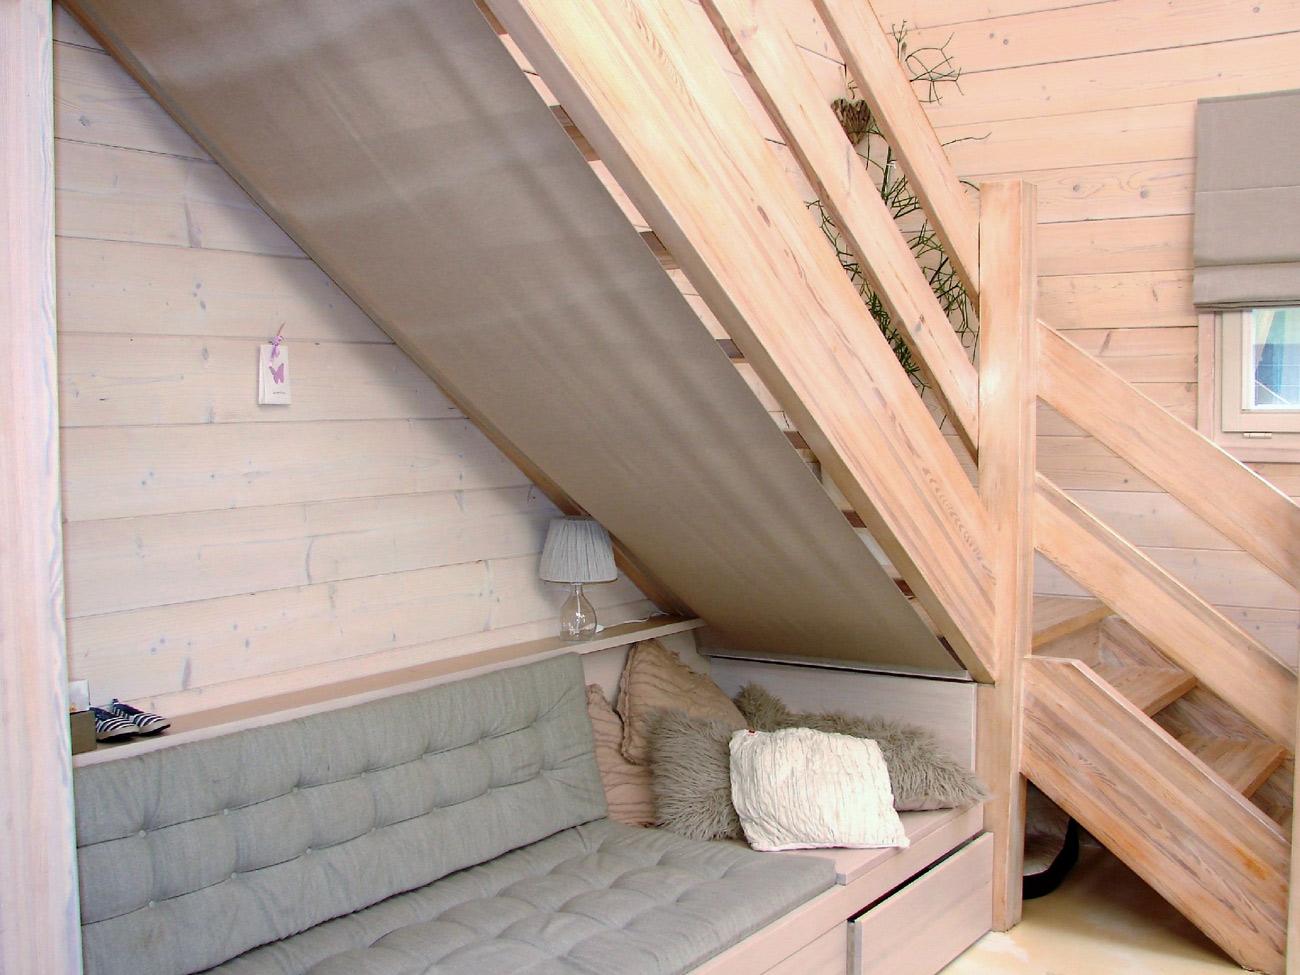 schody-siedzisko-len-akmo